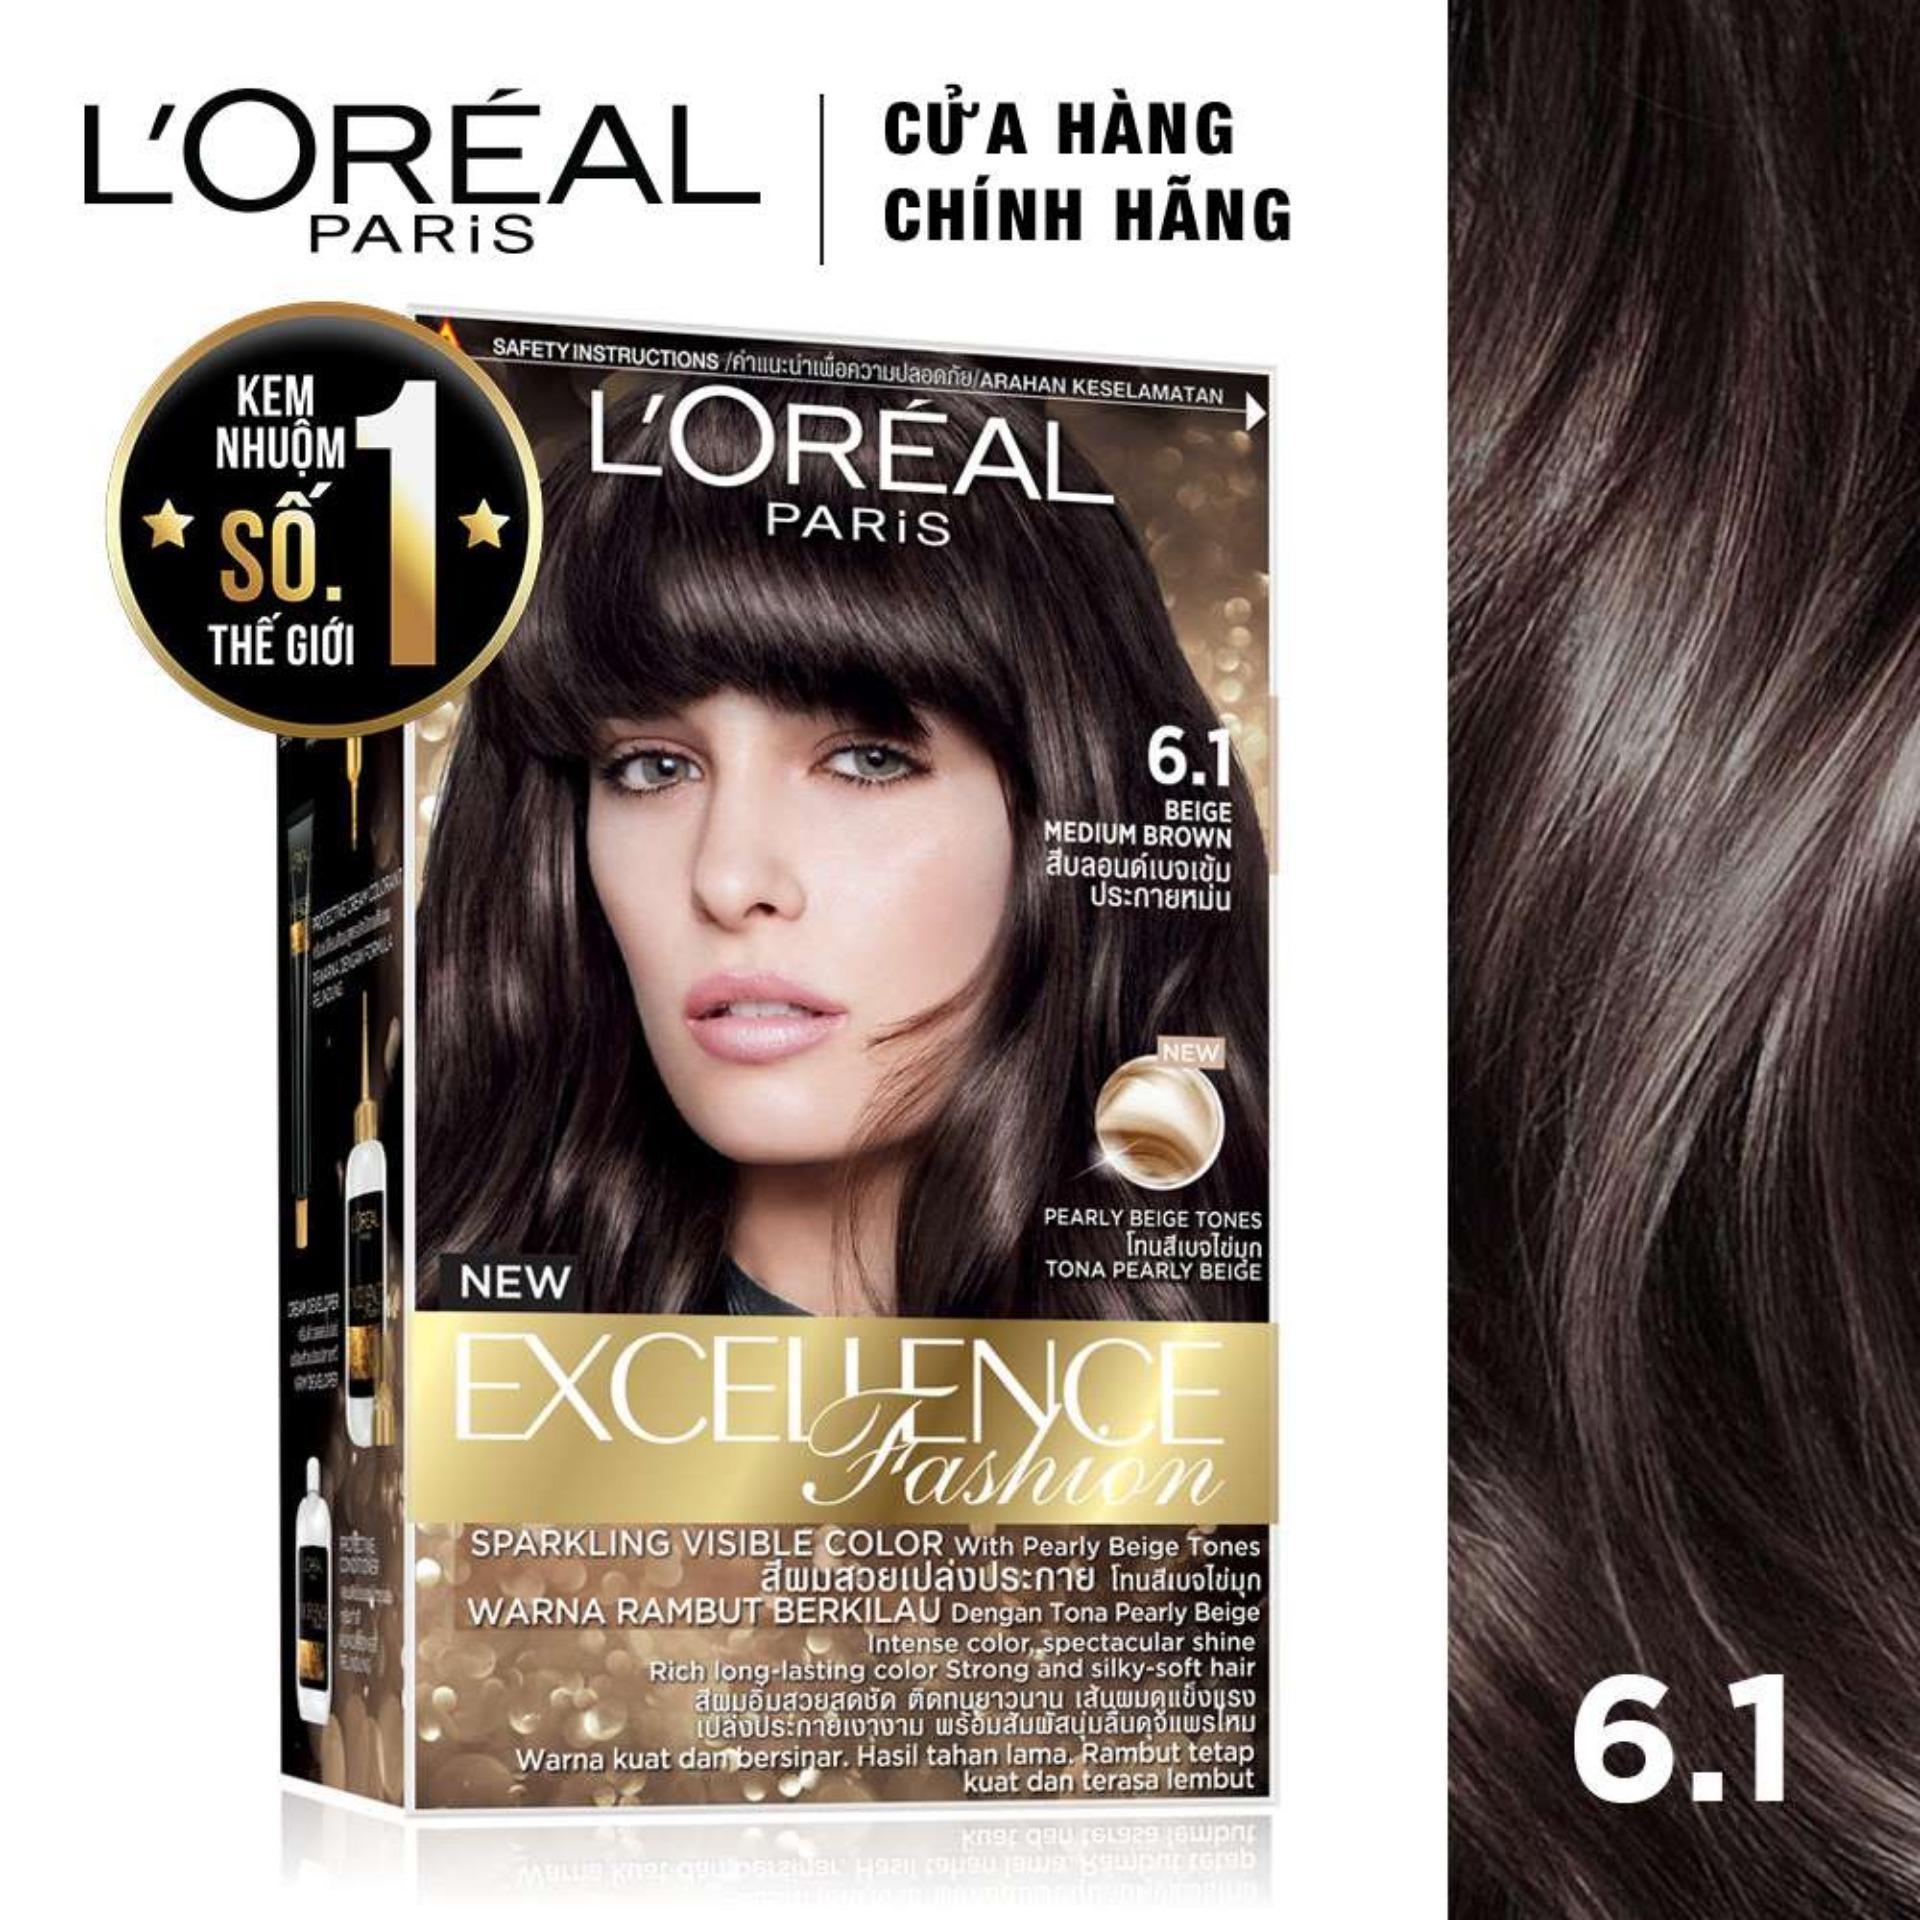 Kem nhuộm dưỡng tóc LOreal Paris Excellence Fashion 172ml chính hãng